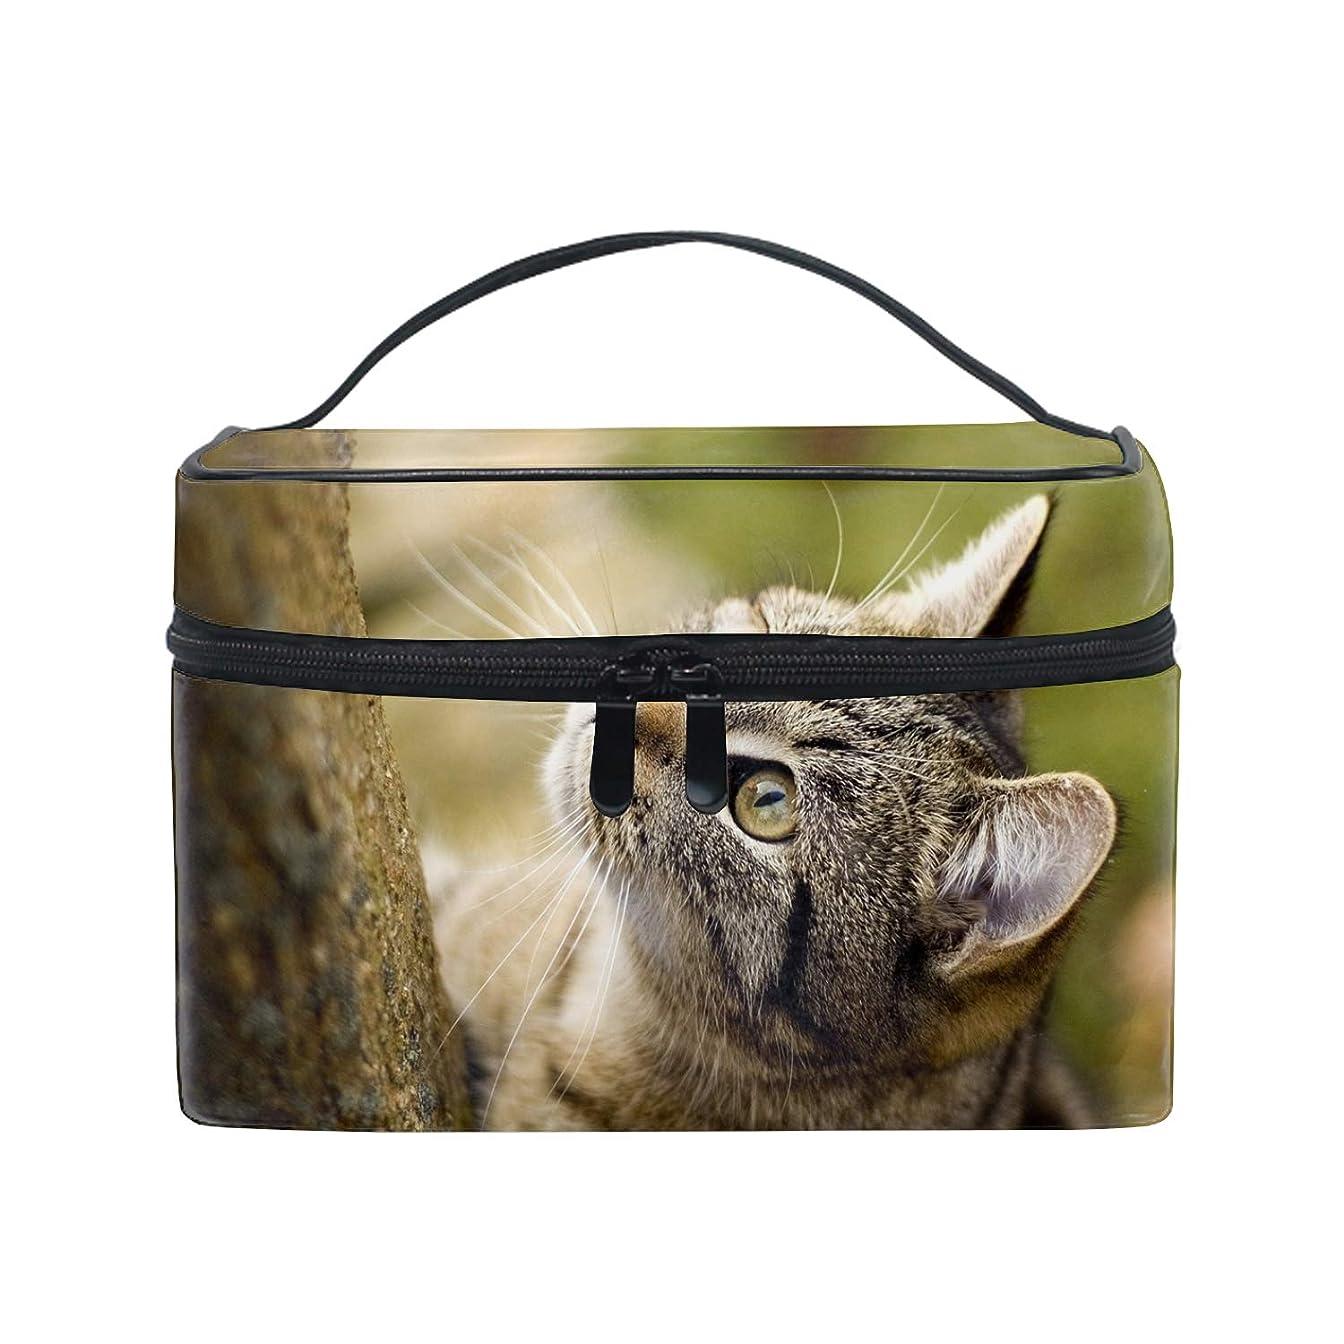 告発工夫するコンピューター動物猫化粧品収納 小物入れ 軽量 防水 旅行も便利 かわいい おしゃれ キャリーケース